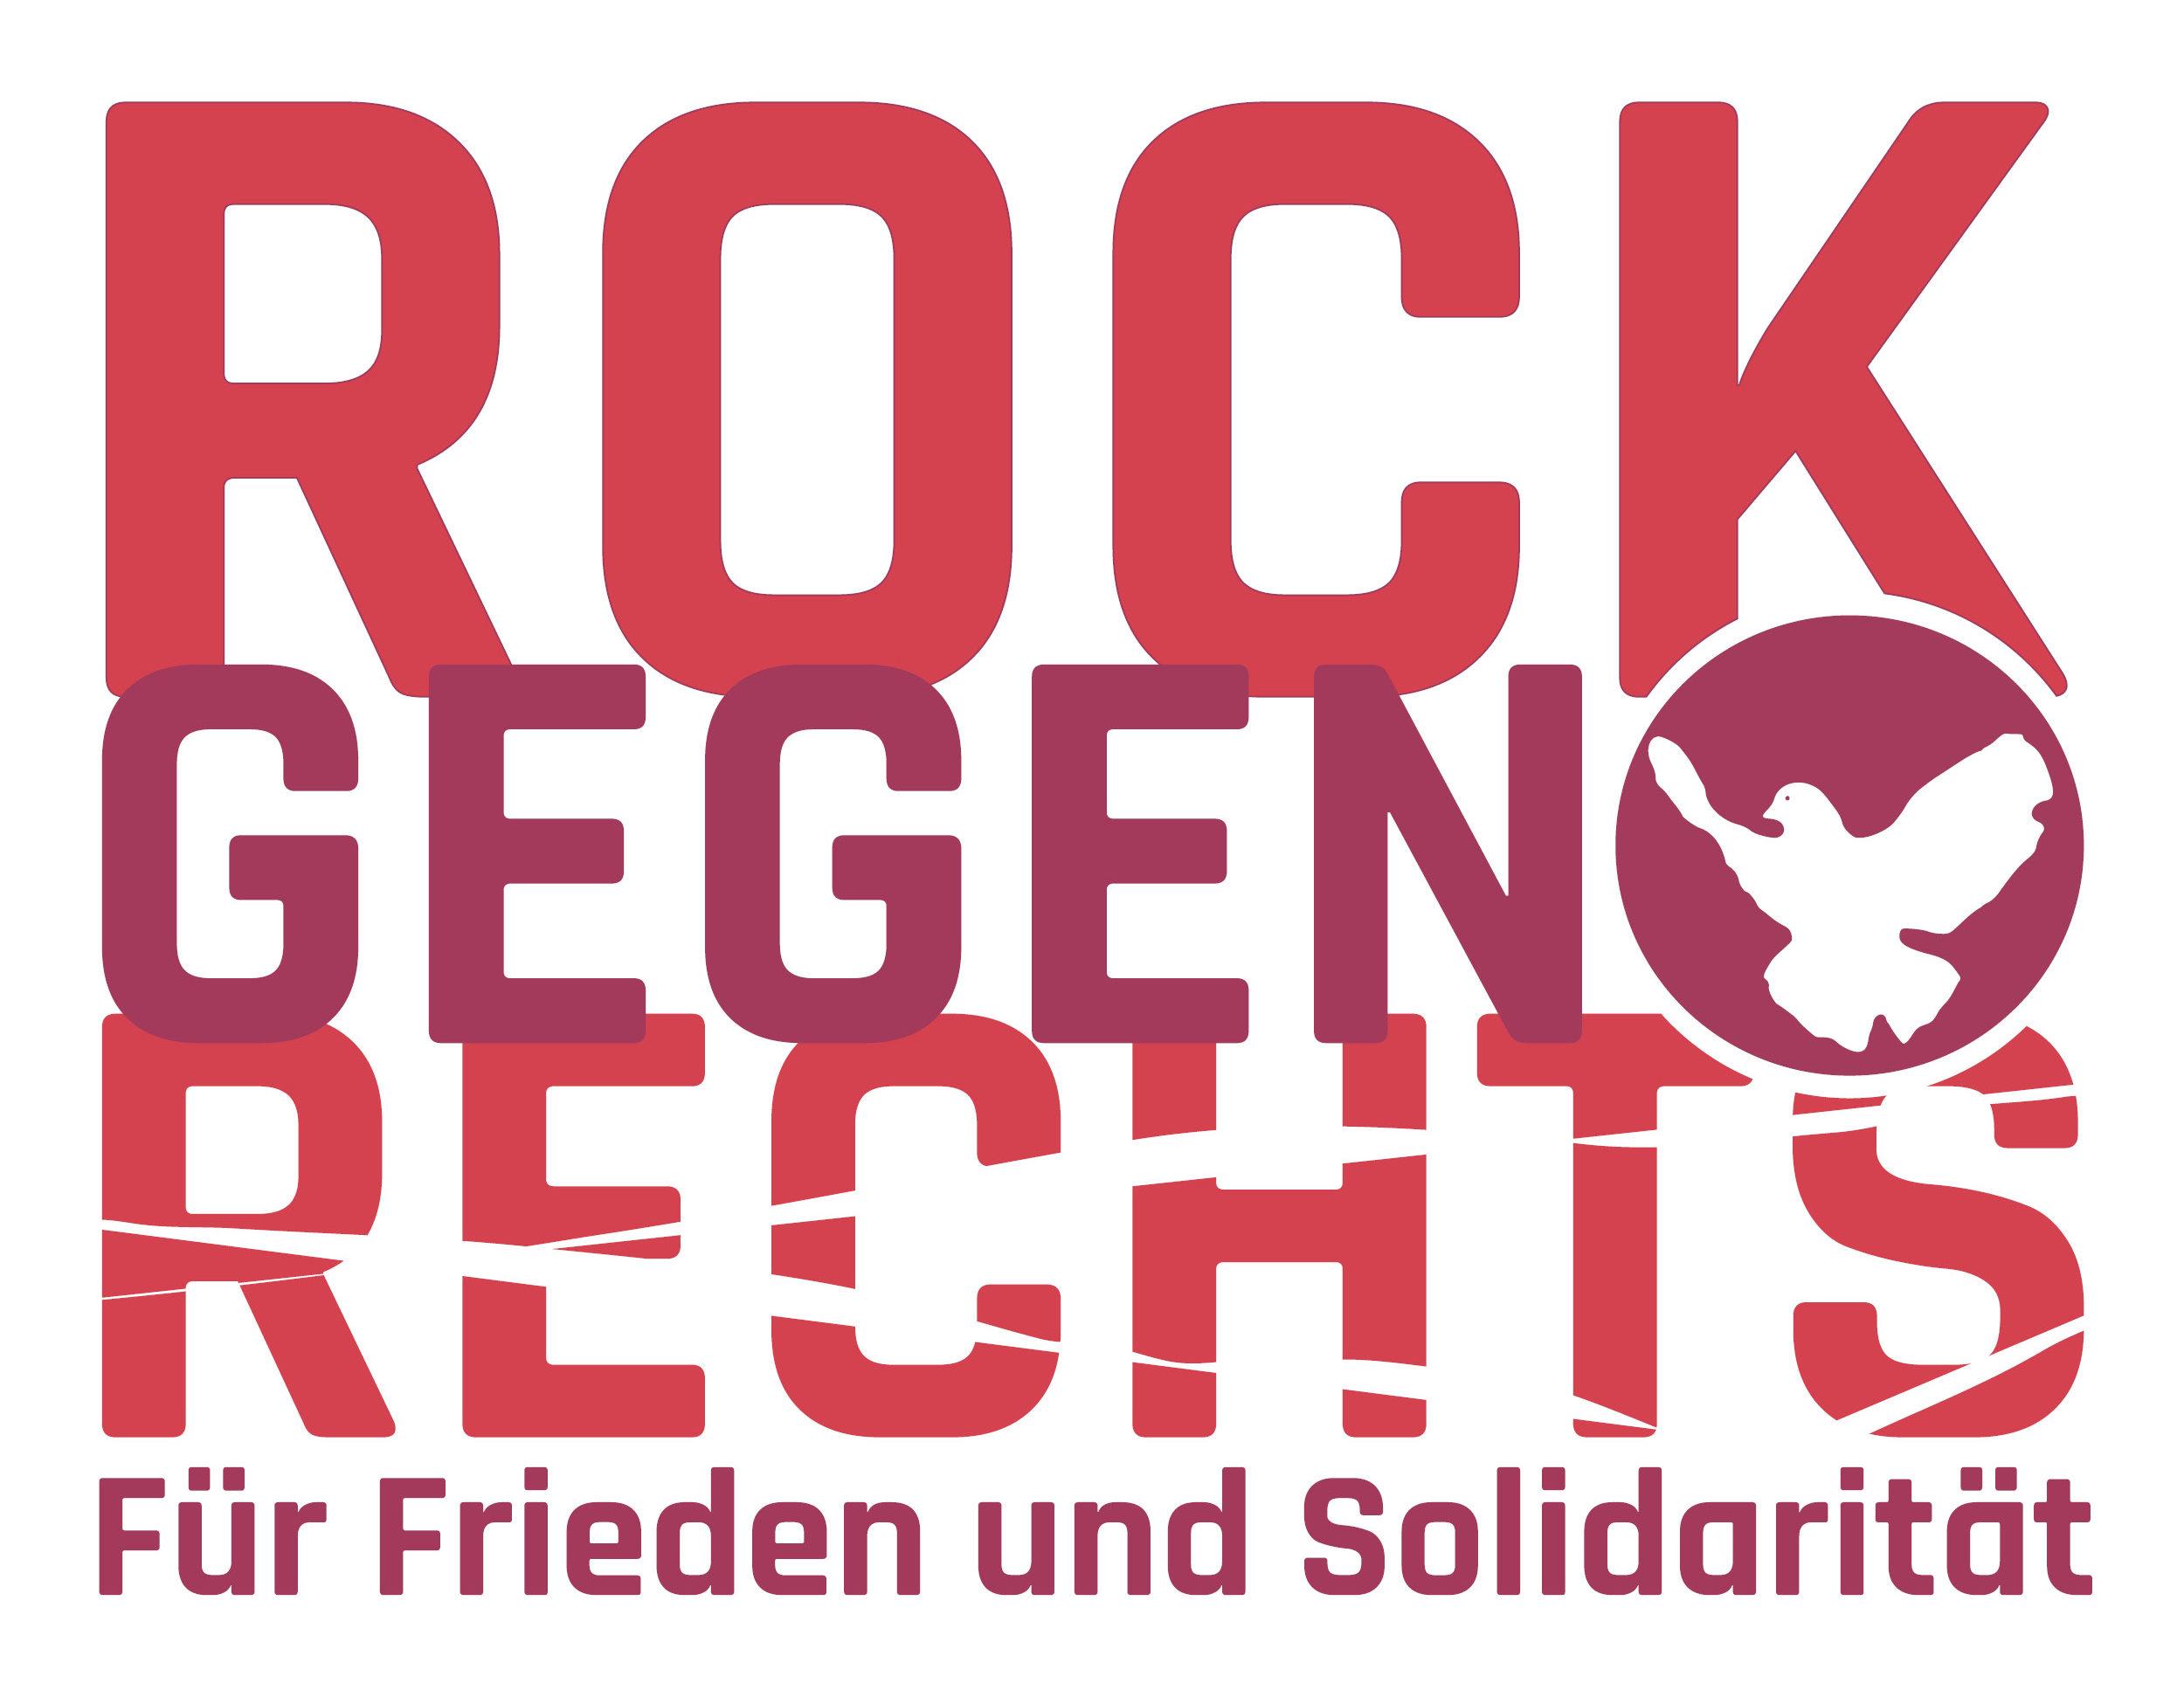 Rock gegen Rechts 2018 in Frankfurt am Main